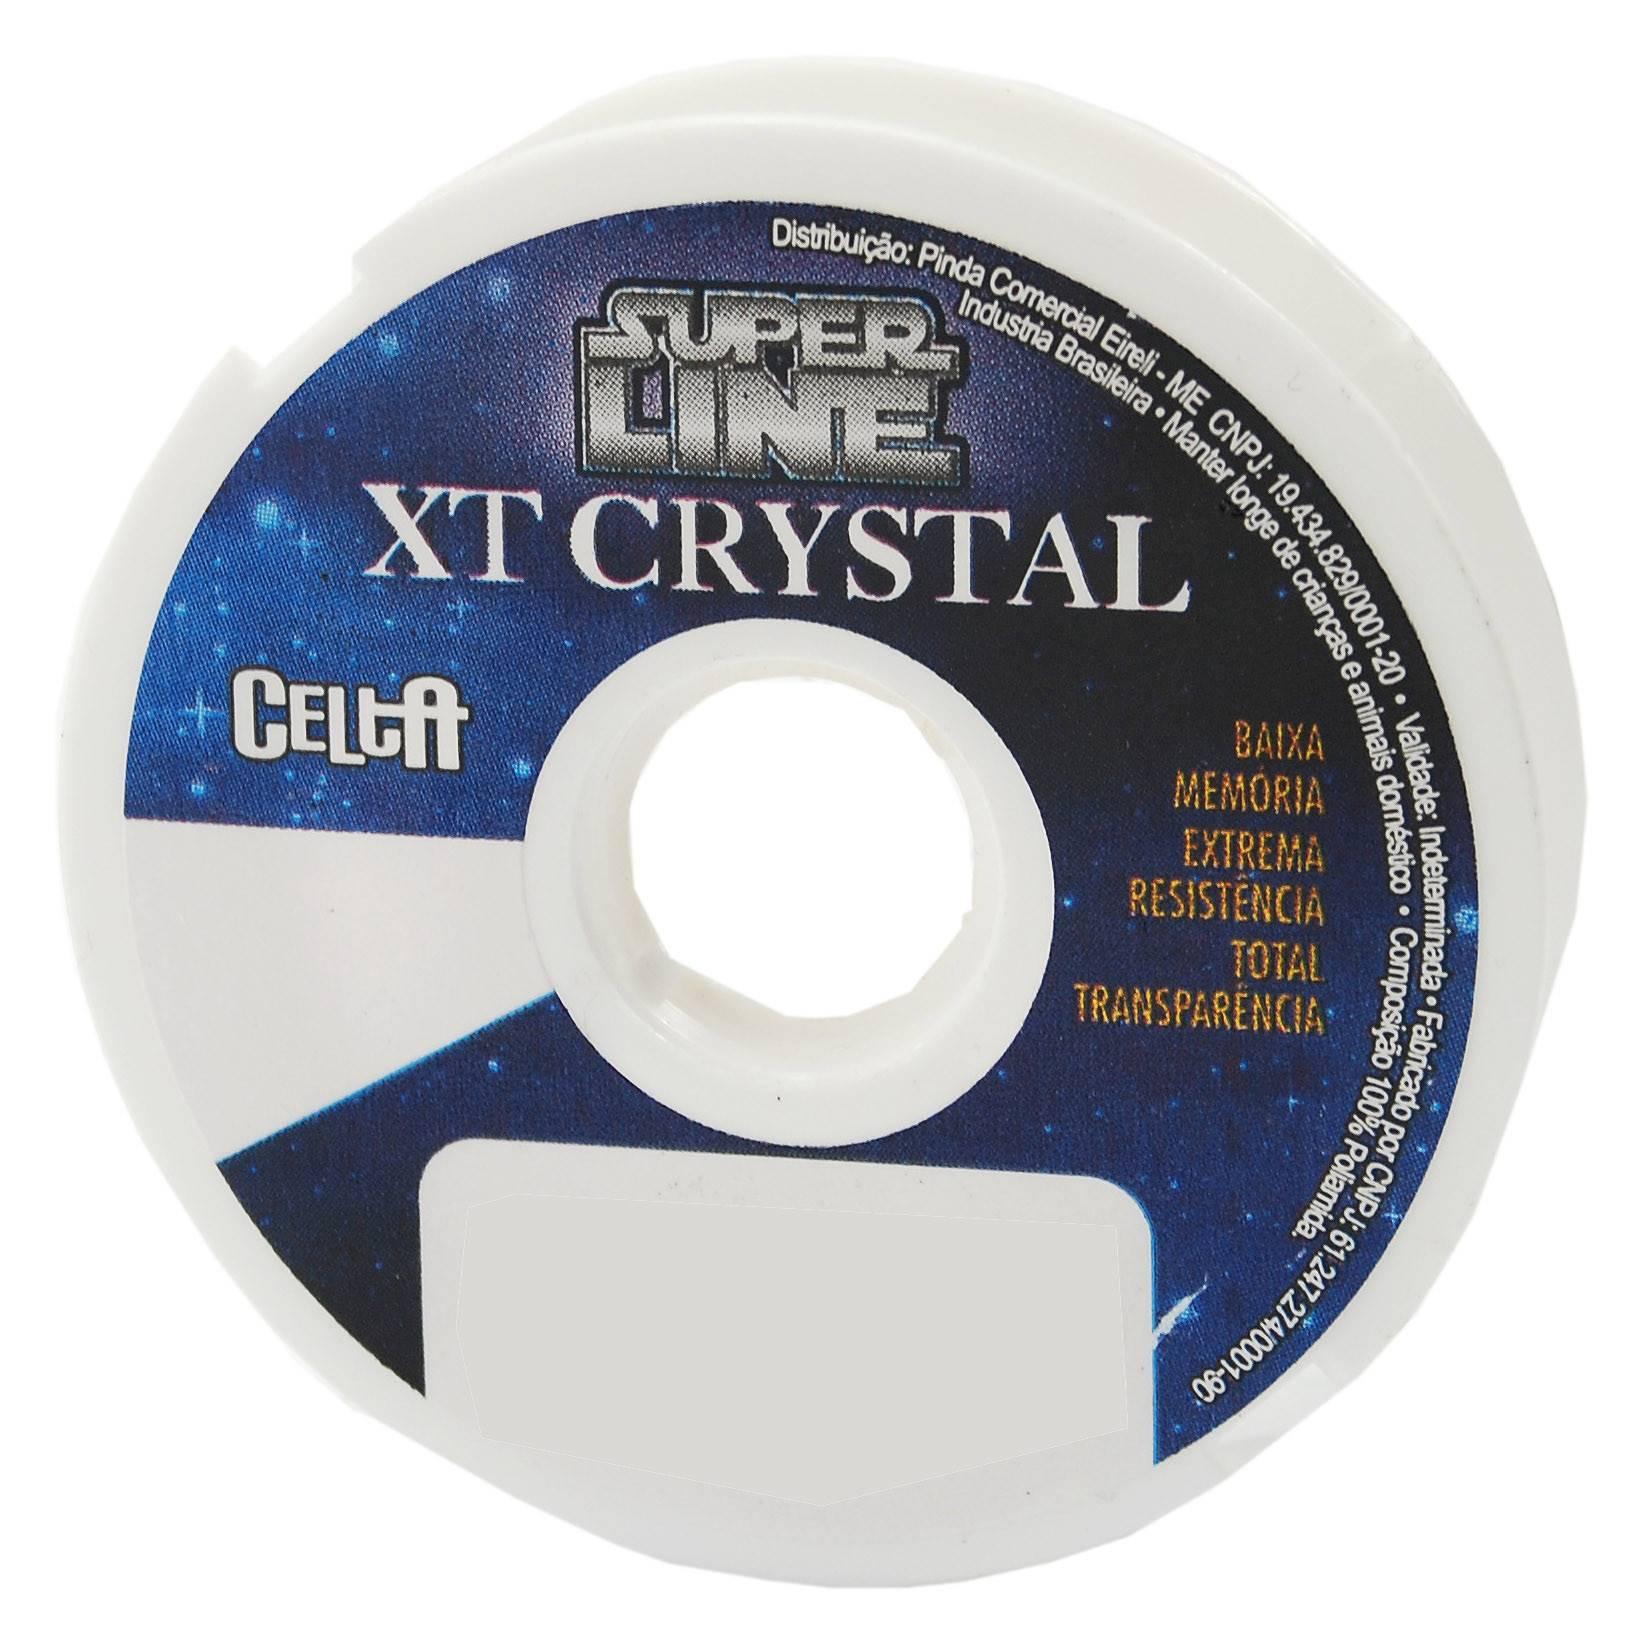 Linha Mono Celta XT Crystal e Titanium 0,60mm 50,7lbs/23kg - 120 Metros  - Life Pesca - Sua loja de Pesca, Camping e Lazer